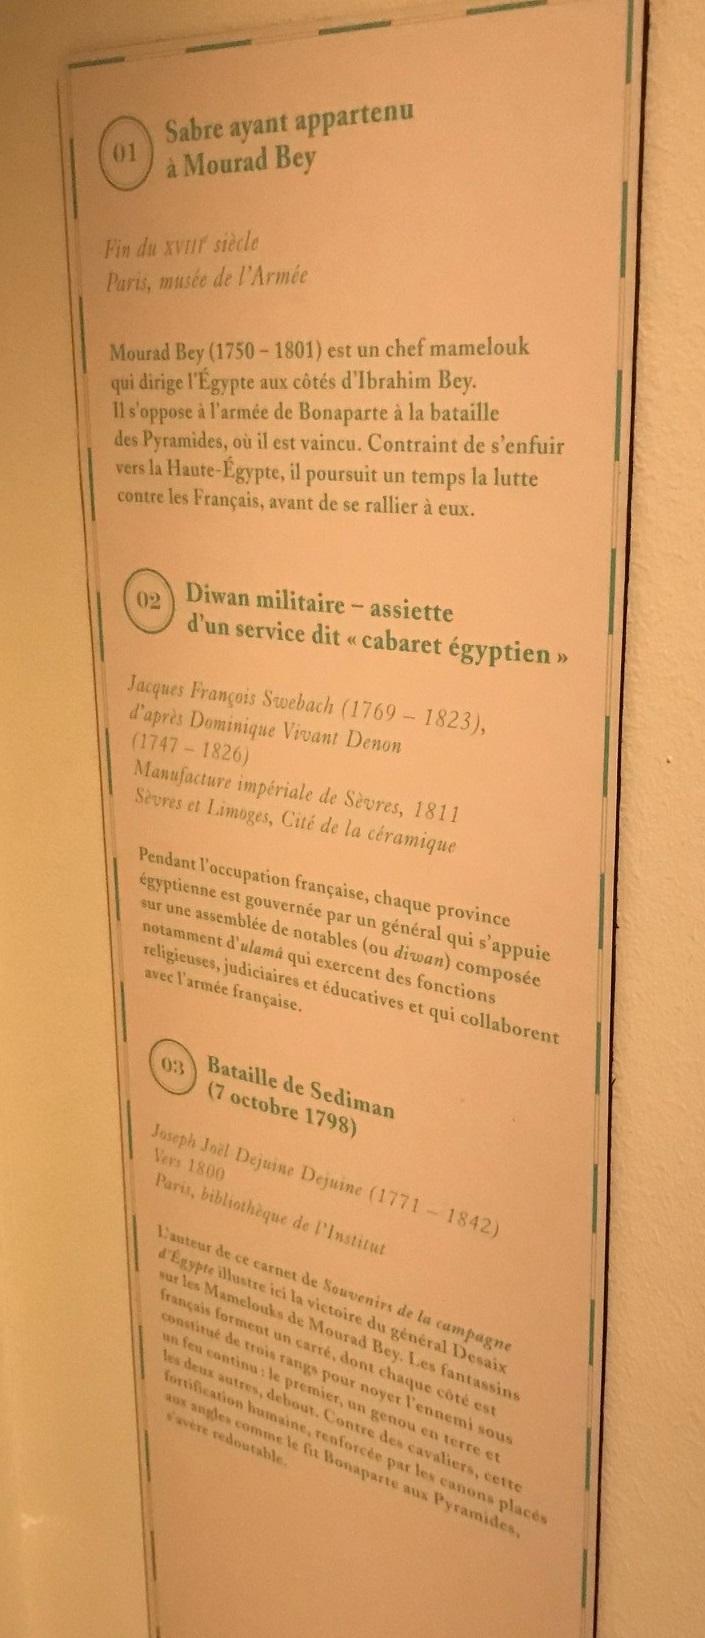 """Paris. Musée de L'Armée : Exposition """"Napoléon stratège"""" Img_9843"""